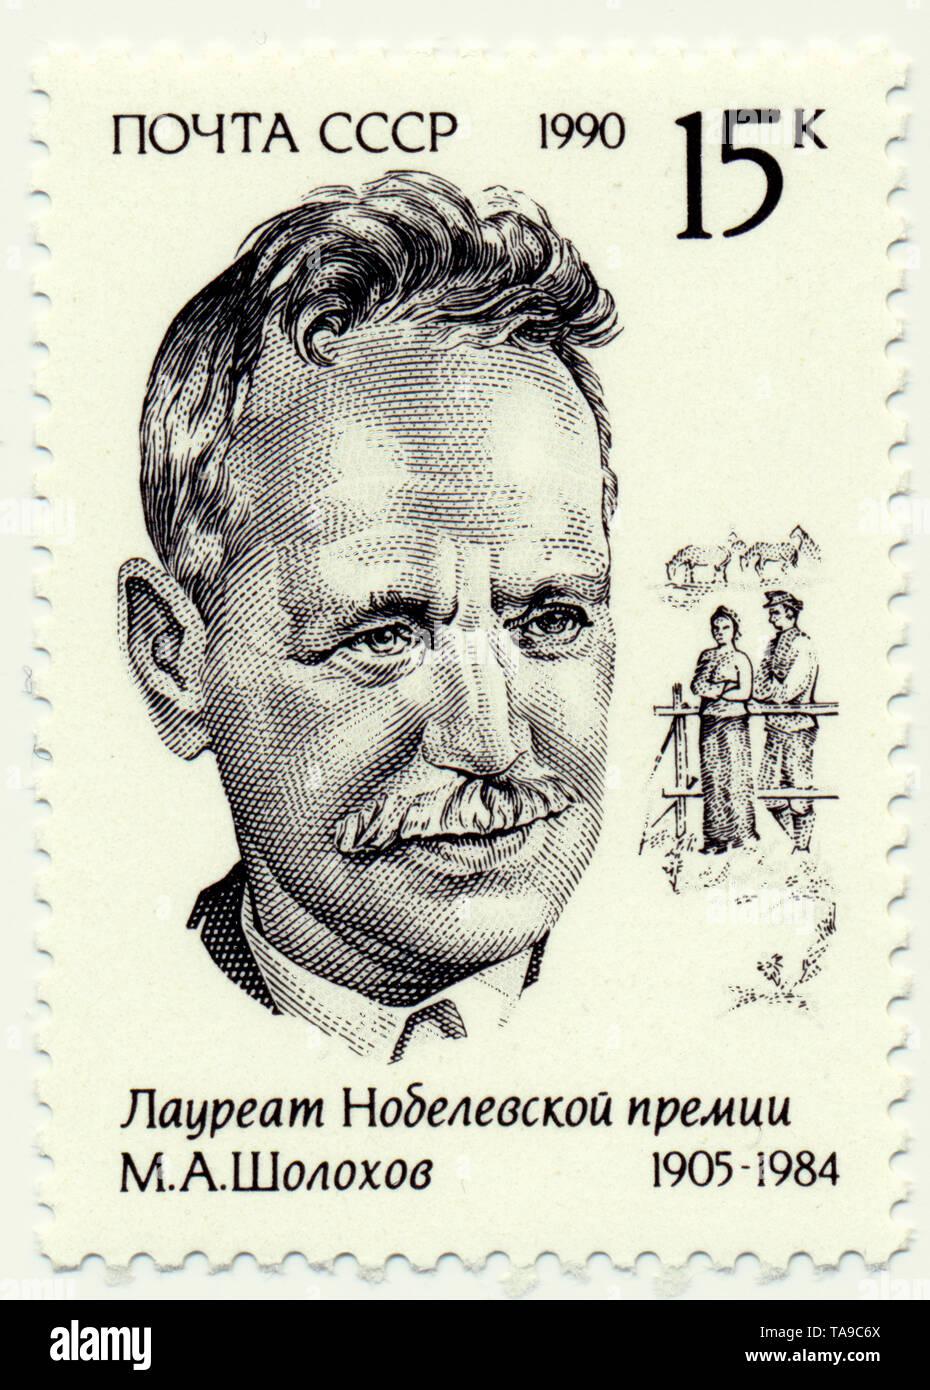 Historic postage stamps of the USSR, Historische Briefmarken, Mikhail Aleksandrovich Sholokhov, 1990, UDSSR - Stock Image